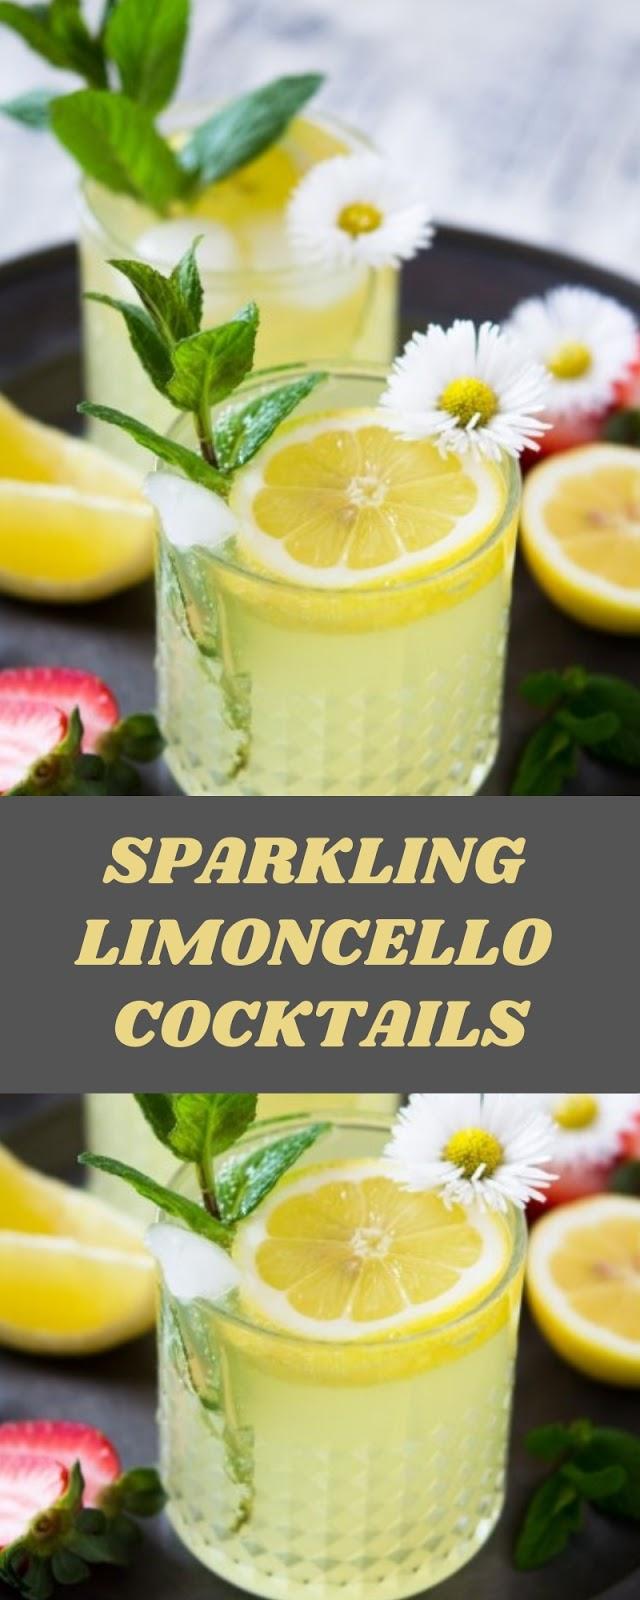 SPARKLING LIMONCELLO COCKTAILS